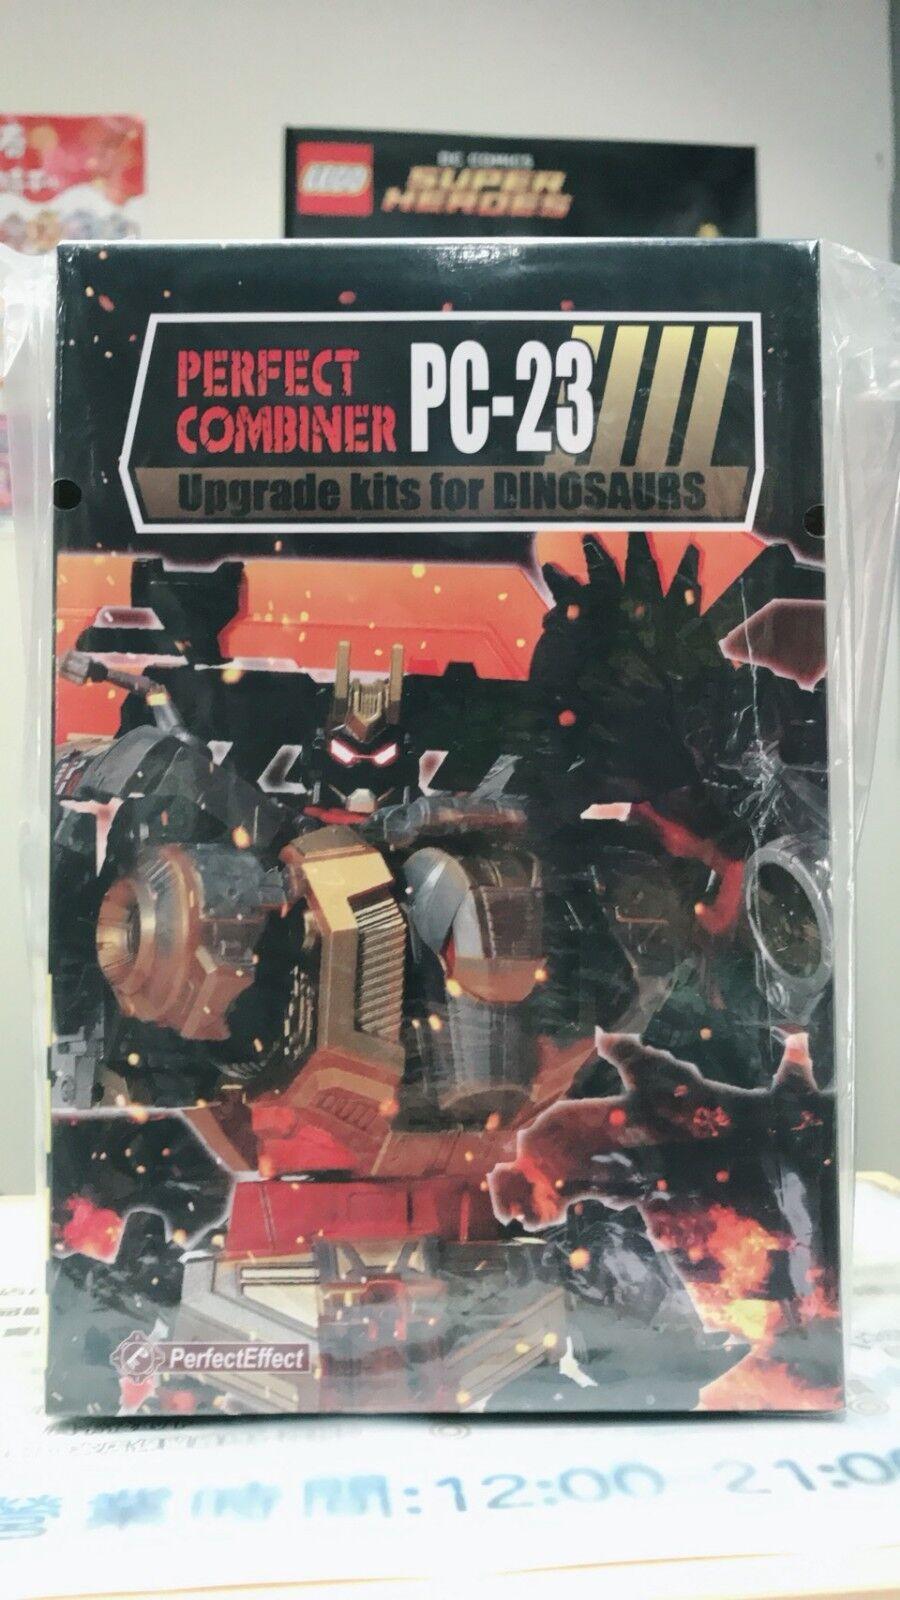 NUOVO in azione Transformers effetto perfetto PC-23 UPGRADE Set per DINOROBOT SCENDETE NUOVO IN SCATOLA SIGILLATA